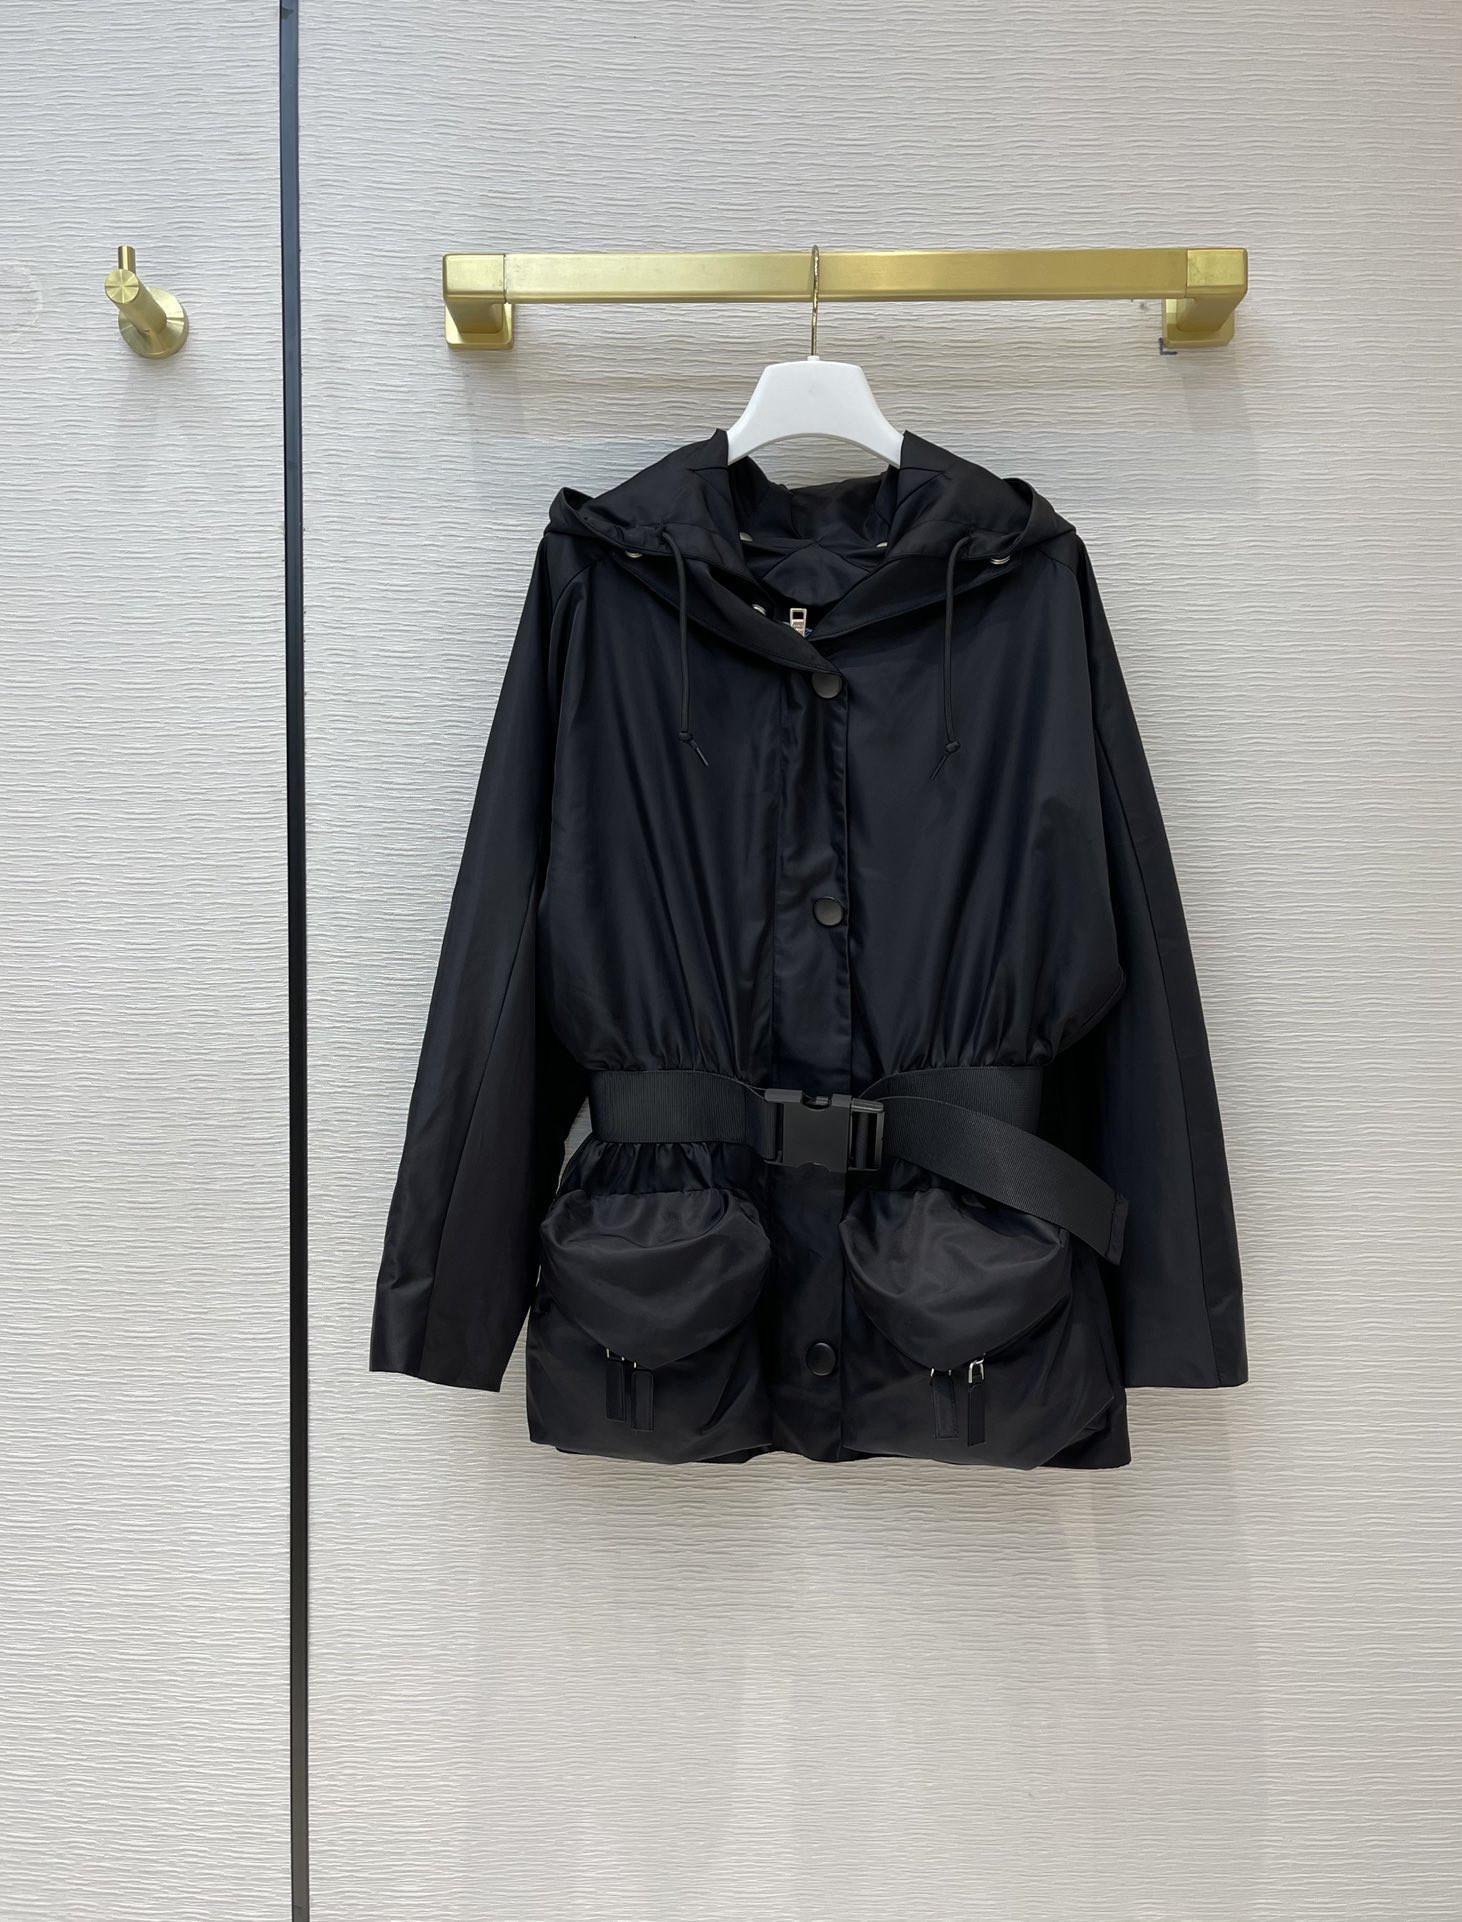 Milan Pist Ceketler 2021 Bahar Uzun Kollu Kapüşonlu Panelli Kadın Tasarımcı Marka Aynı Stil Coats 0316-1